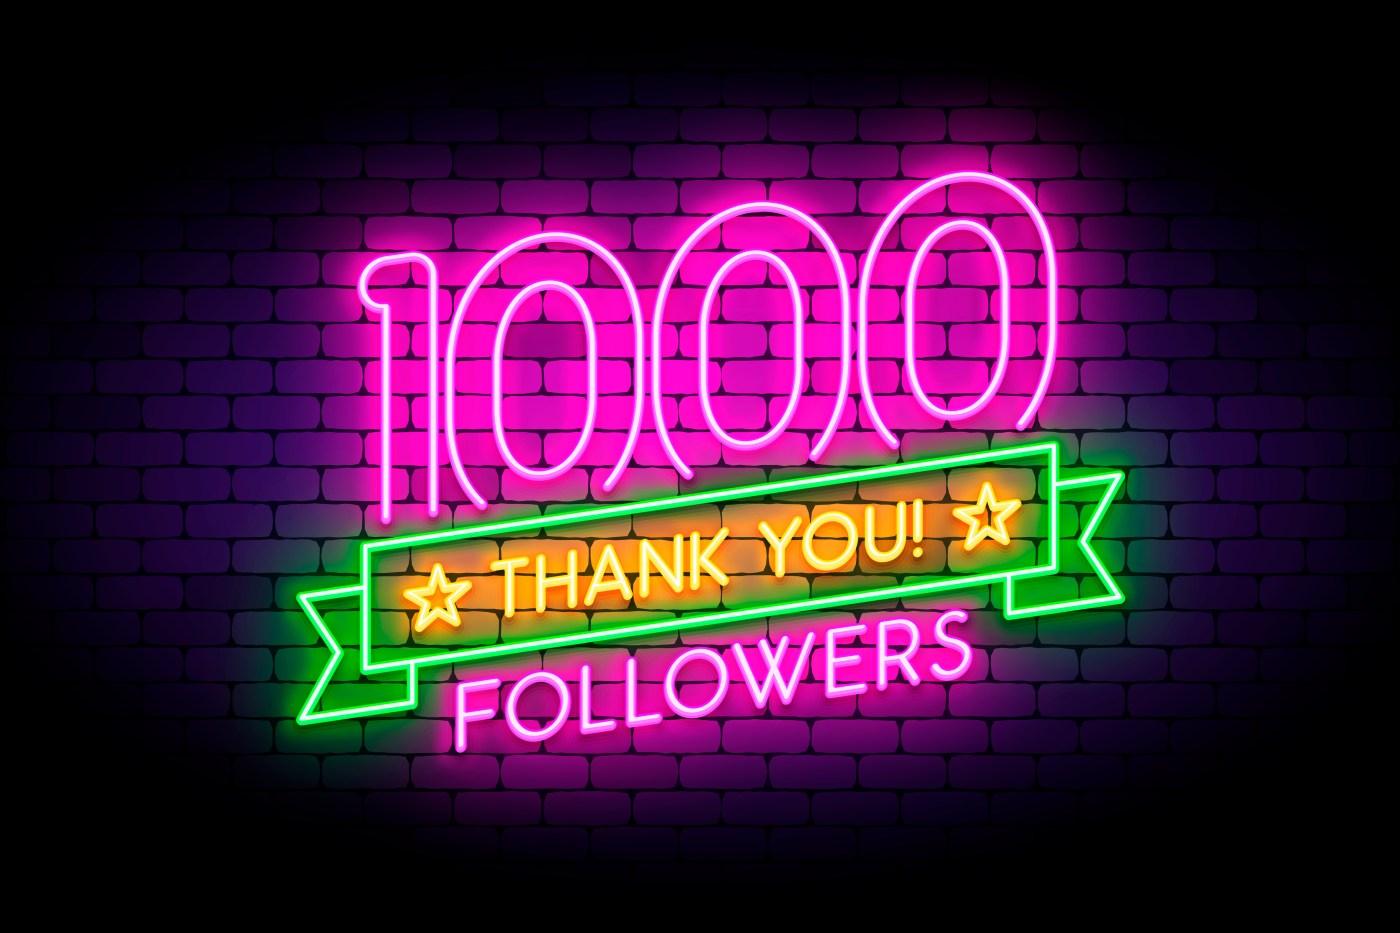 1000 readers